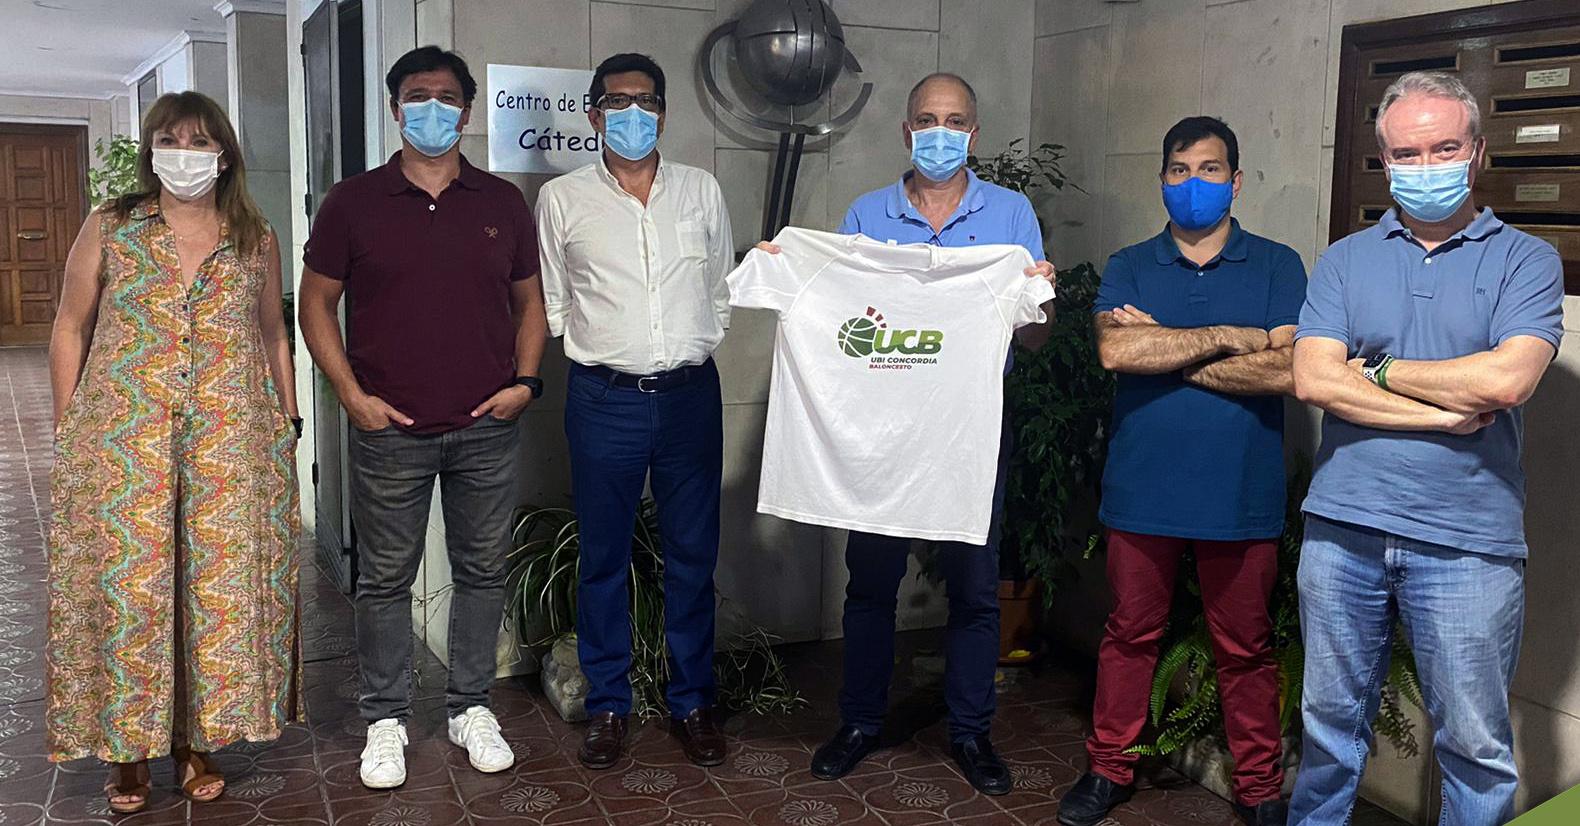 Directivos de UBI Concordia posan con la camiseta del club. Foto: UBI Concordia